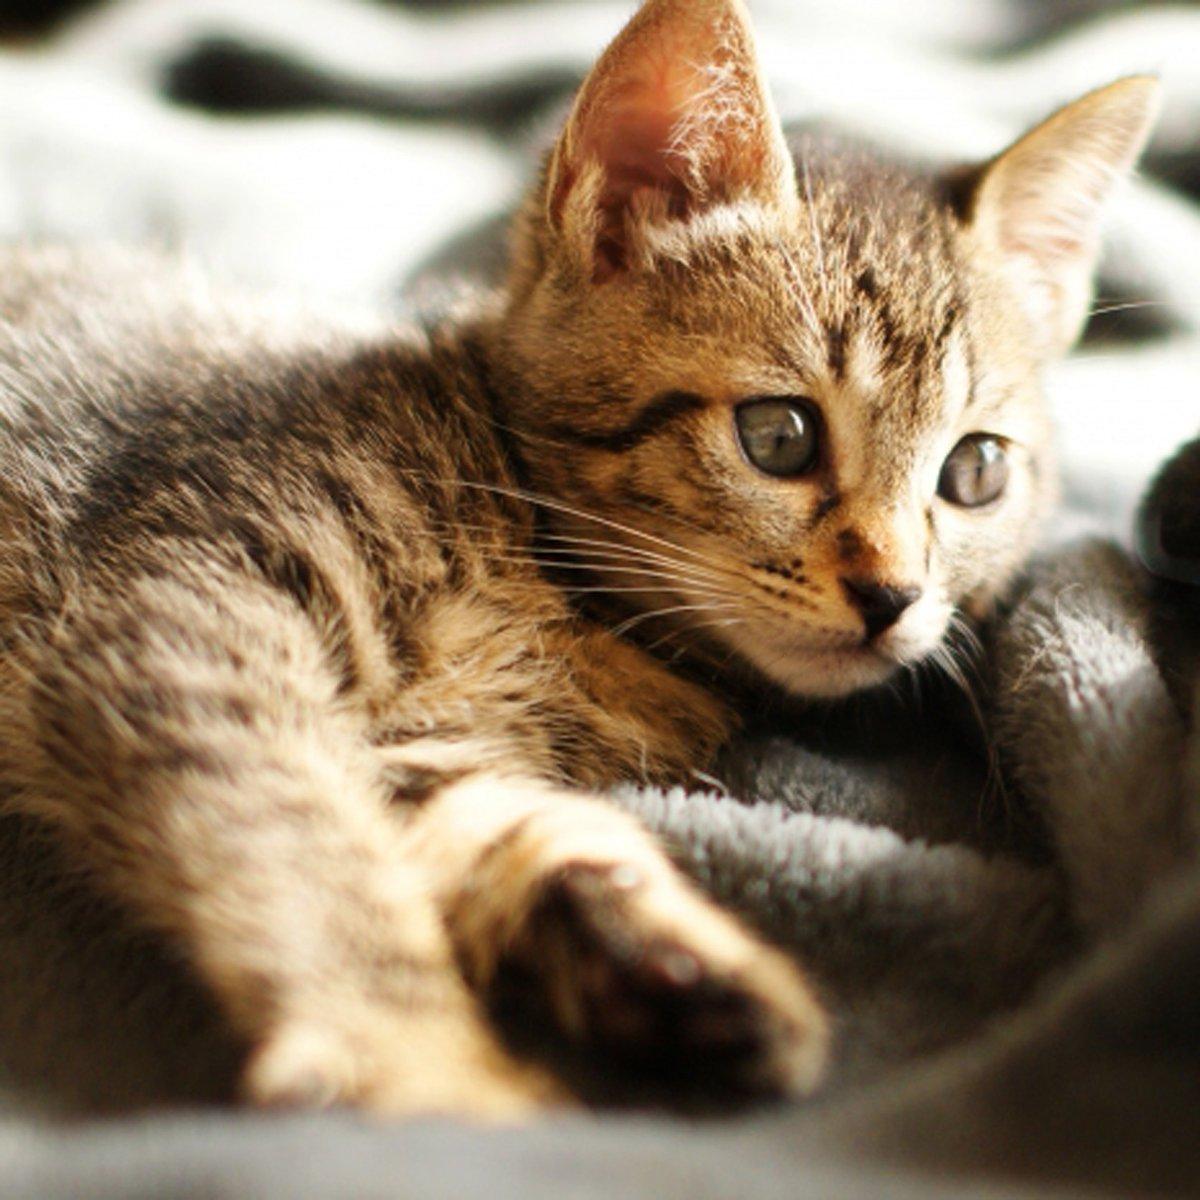 かわいいにゃんこ♪ #ハニーペット #HONEYPET #honeypet #猫 #ねこ #ねこ部 #にゃんすたぐらむ #にゃんこ #子猫 #ネコ #ねこのいる生活 #ねこのきもち #ねこのいる暮らし #kitty #catstagram #petstagram #instacat #meow #instagood #follow #followme https://t.co/eEck8rwMQC